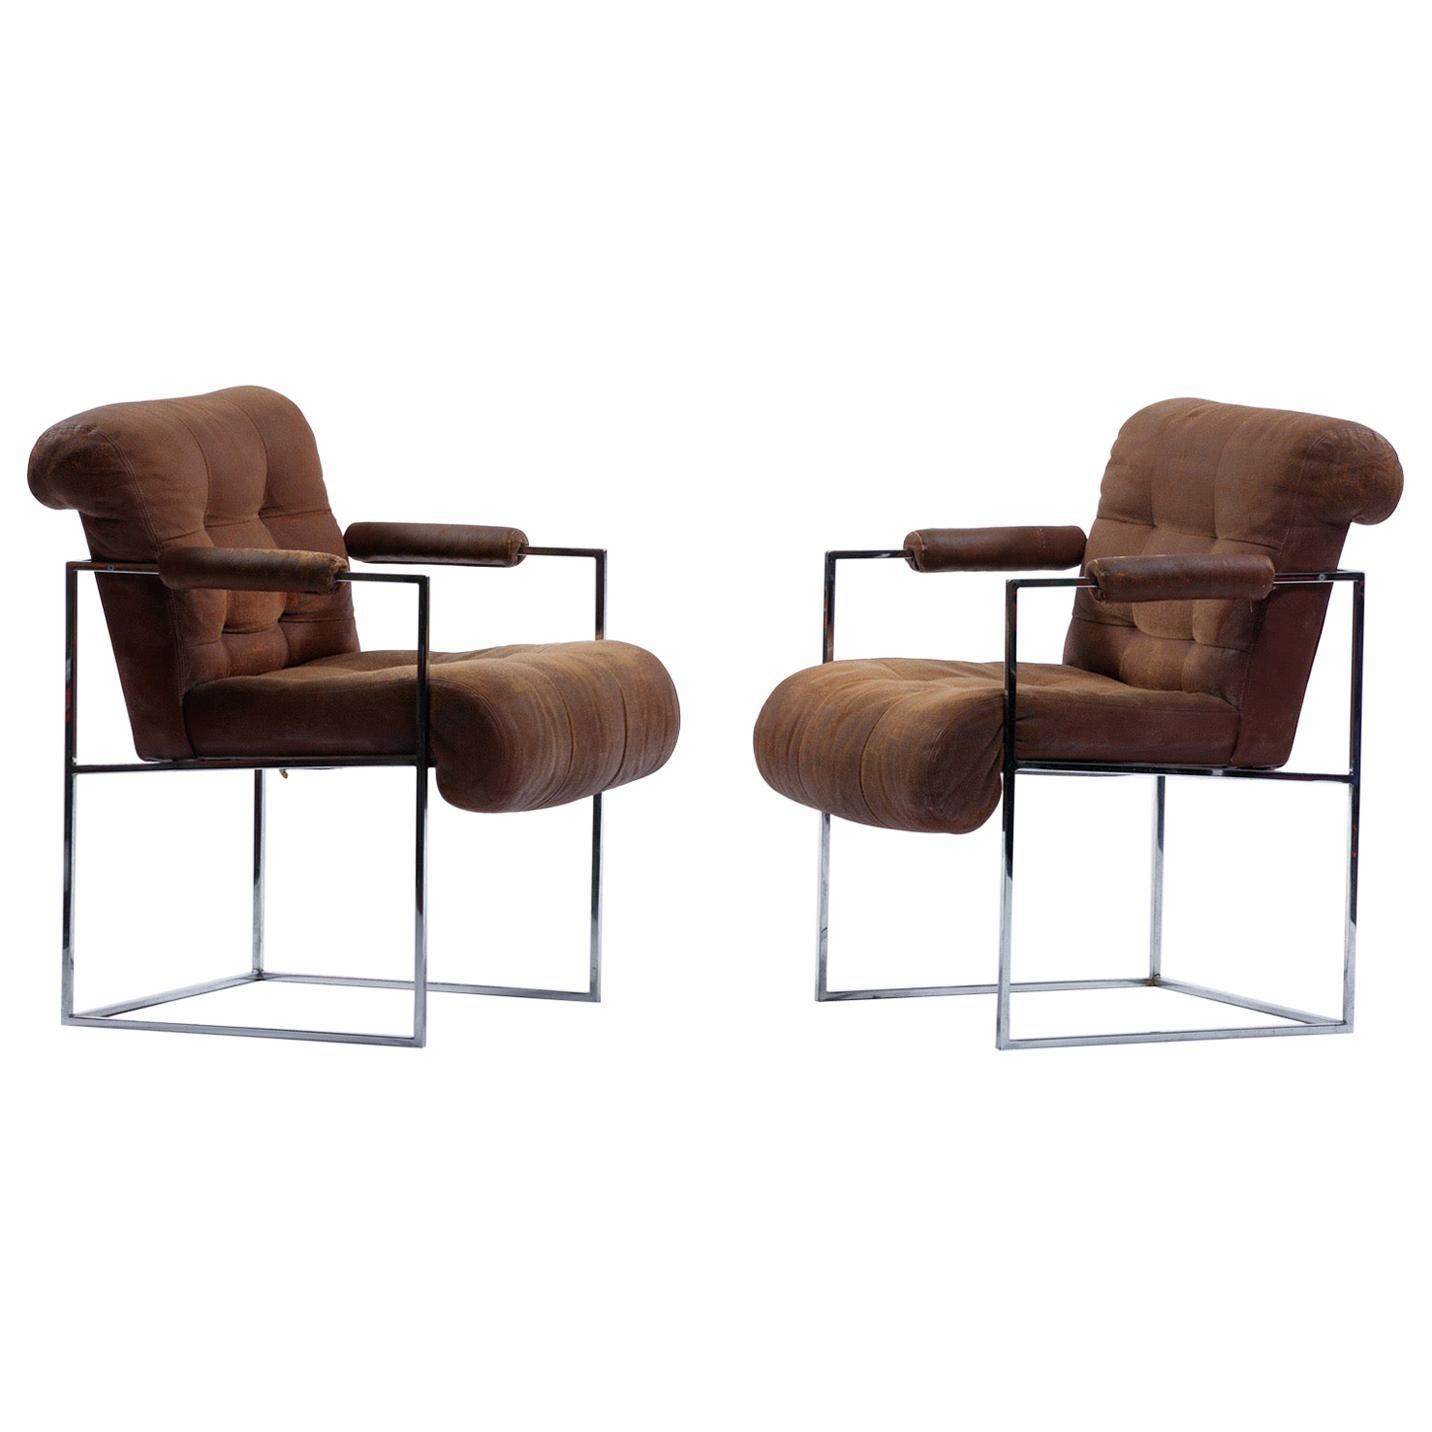 1970s Milo Baughman Thinline Armchairs for Thayer Coggin